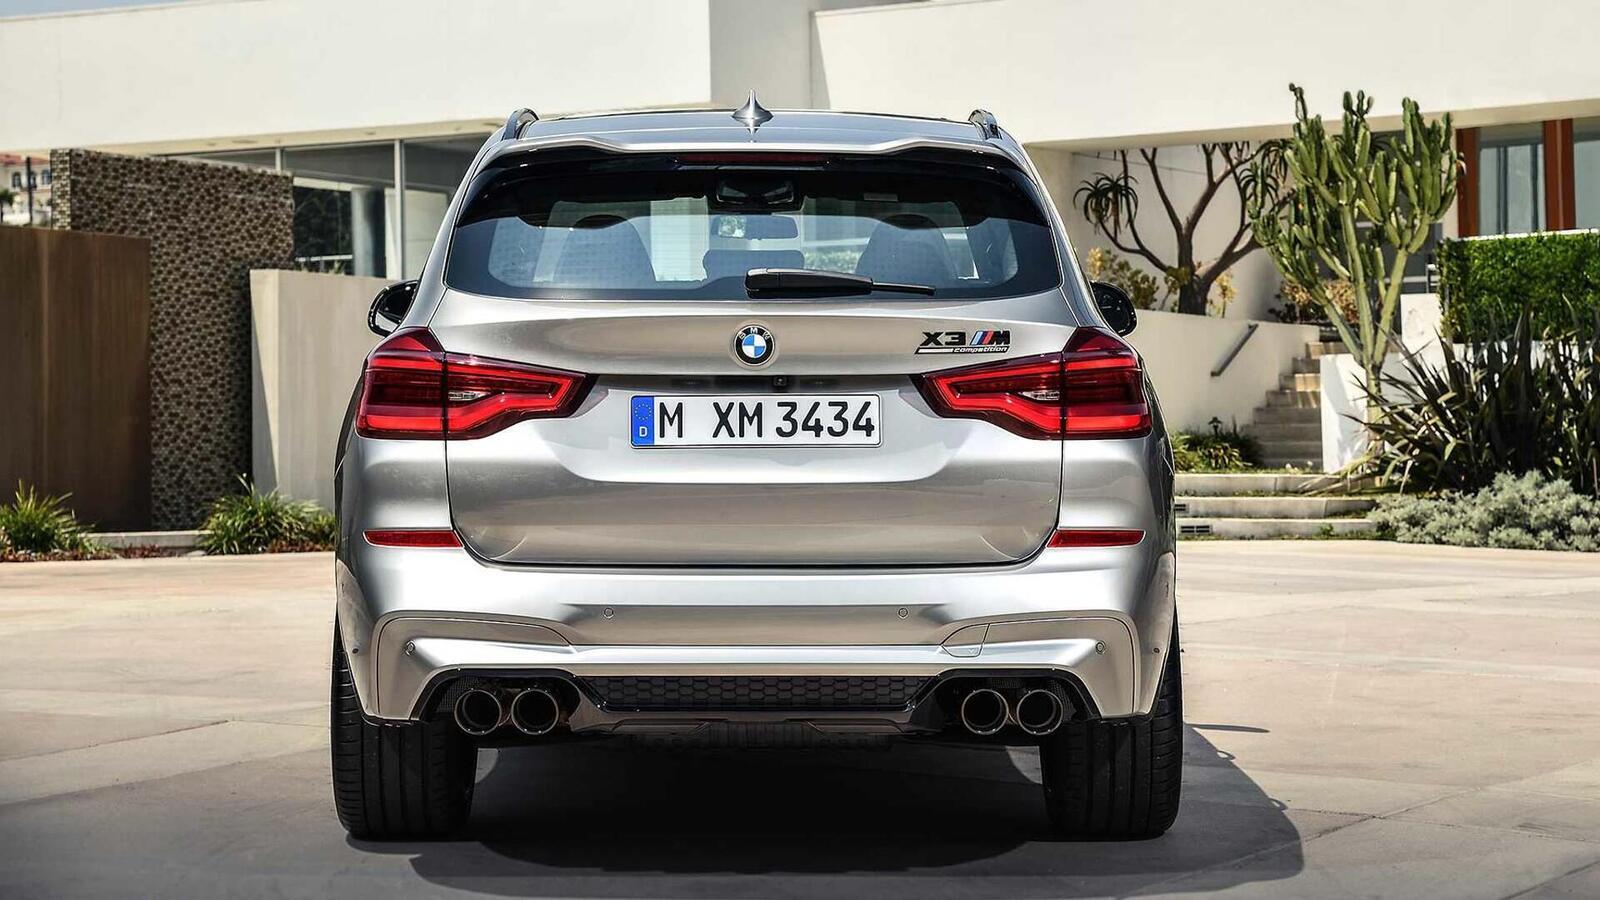 BMW X3 M và X4 M 2020 chính thức ra mắt: Mang trong mình sức mạnh từ 473 - 503 mã lực - Hình 19